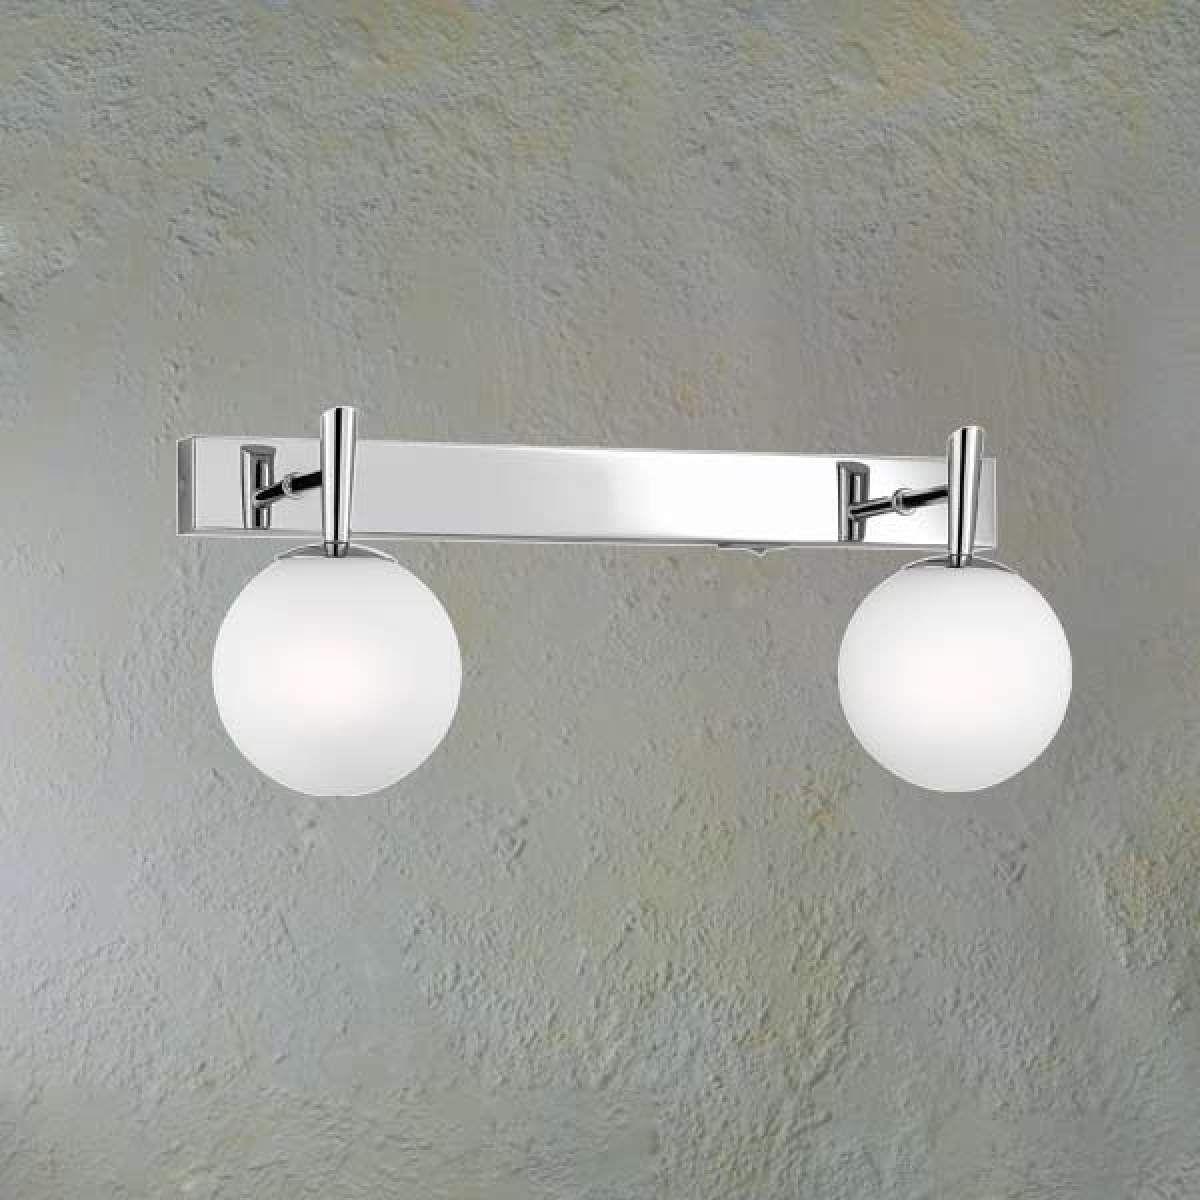 Trio Led Wandleuchte Mit Schalter Wandleuchten Wohnzimmer Modern Wandleuchte Modern Wohnzimmer W Wandleuchte Lampen Und Leuchten Wandleuchte Mit Schalter